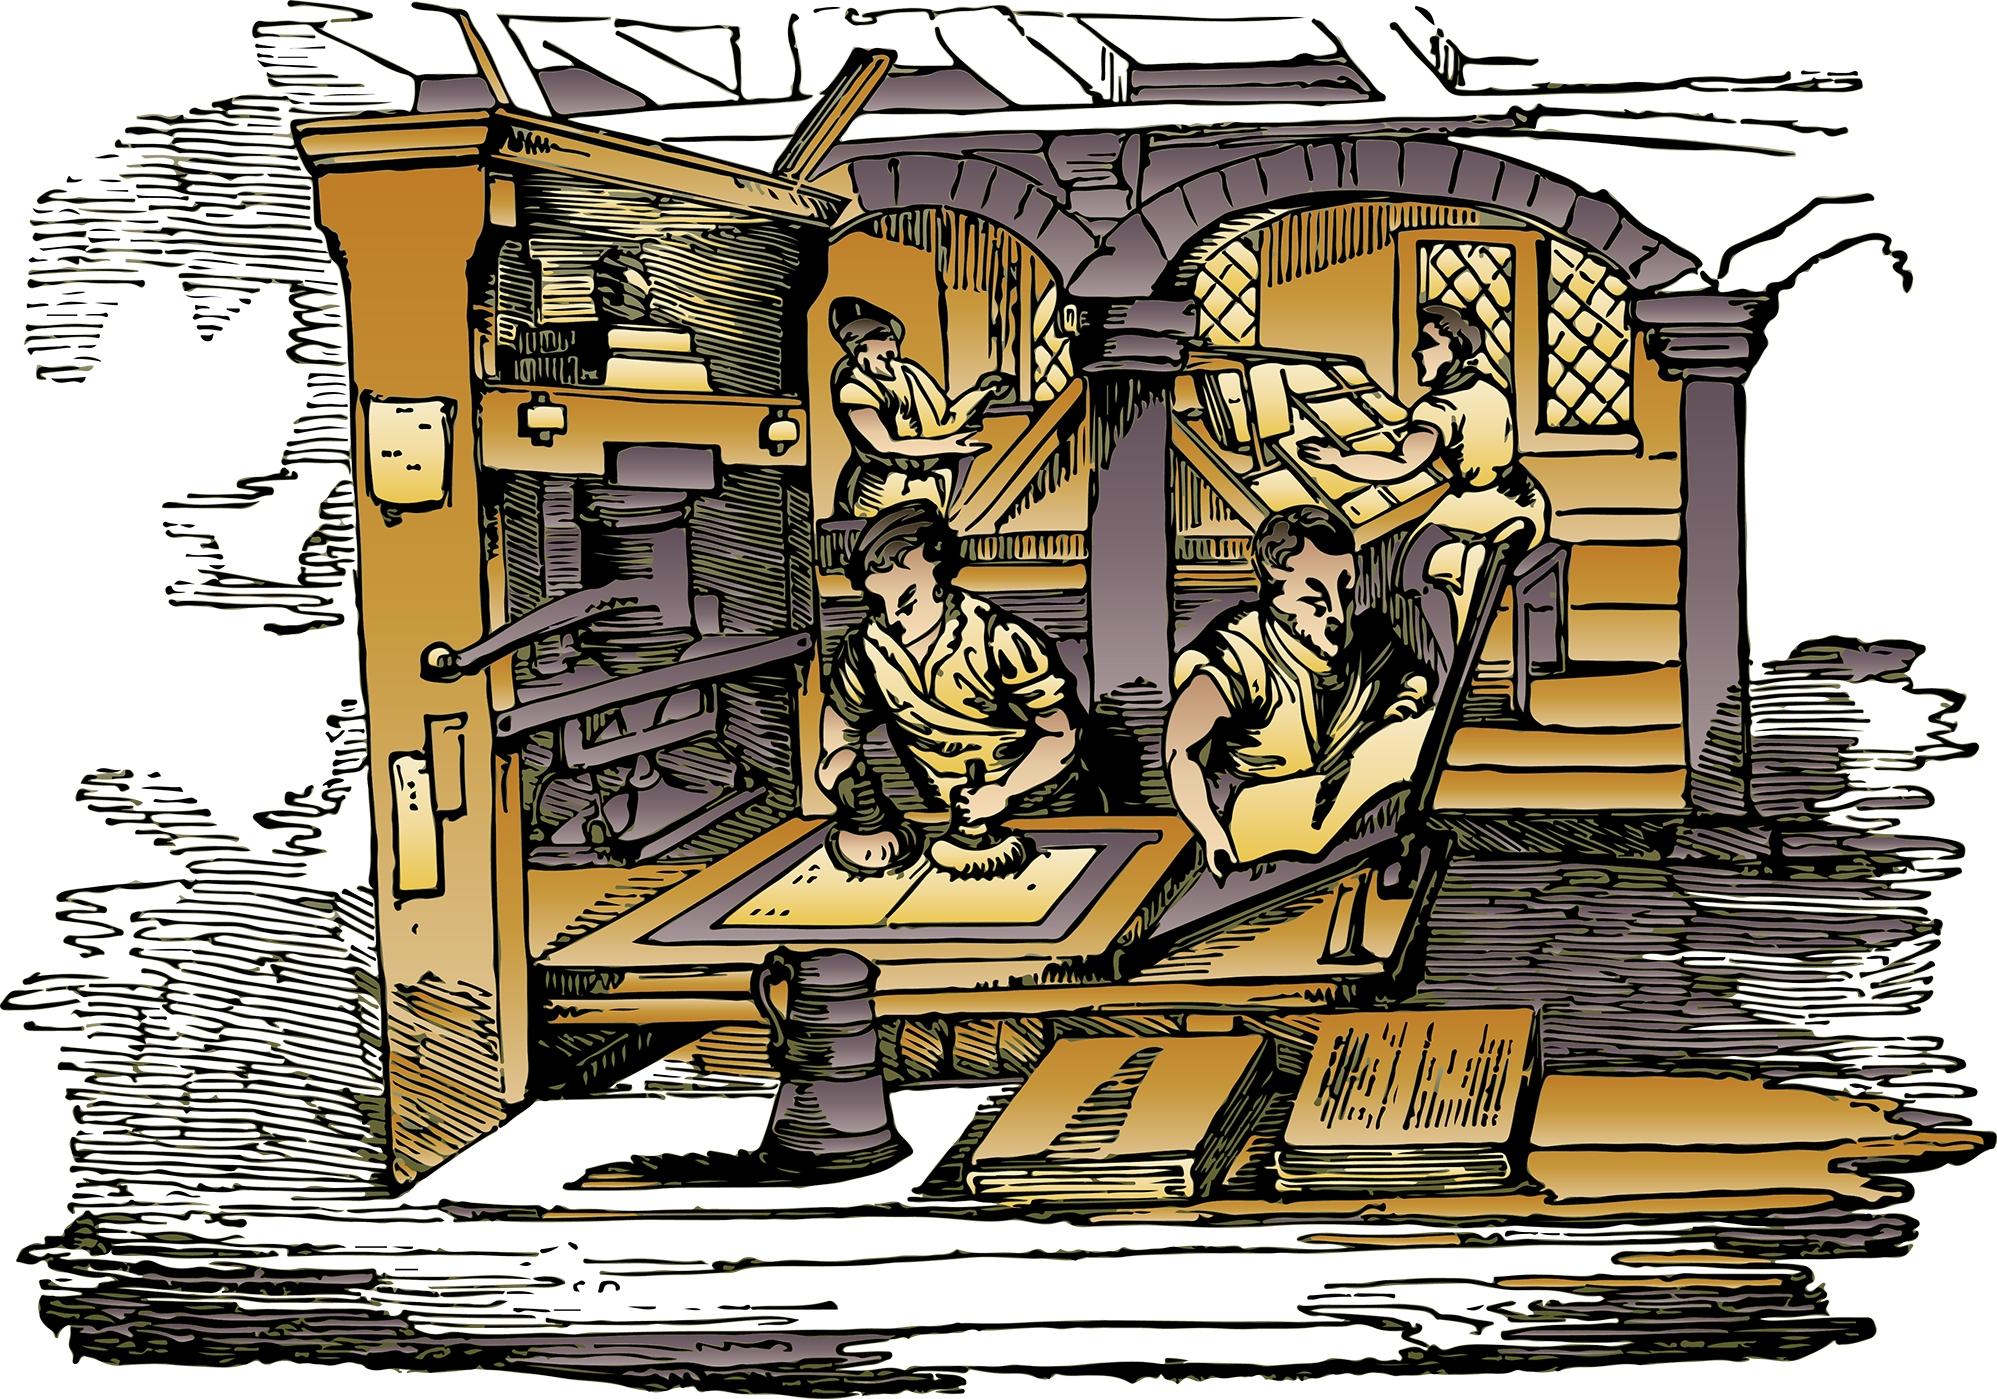 ancient printing press and printers